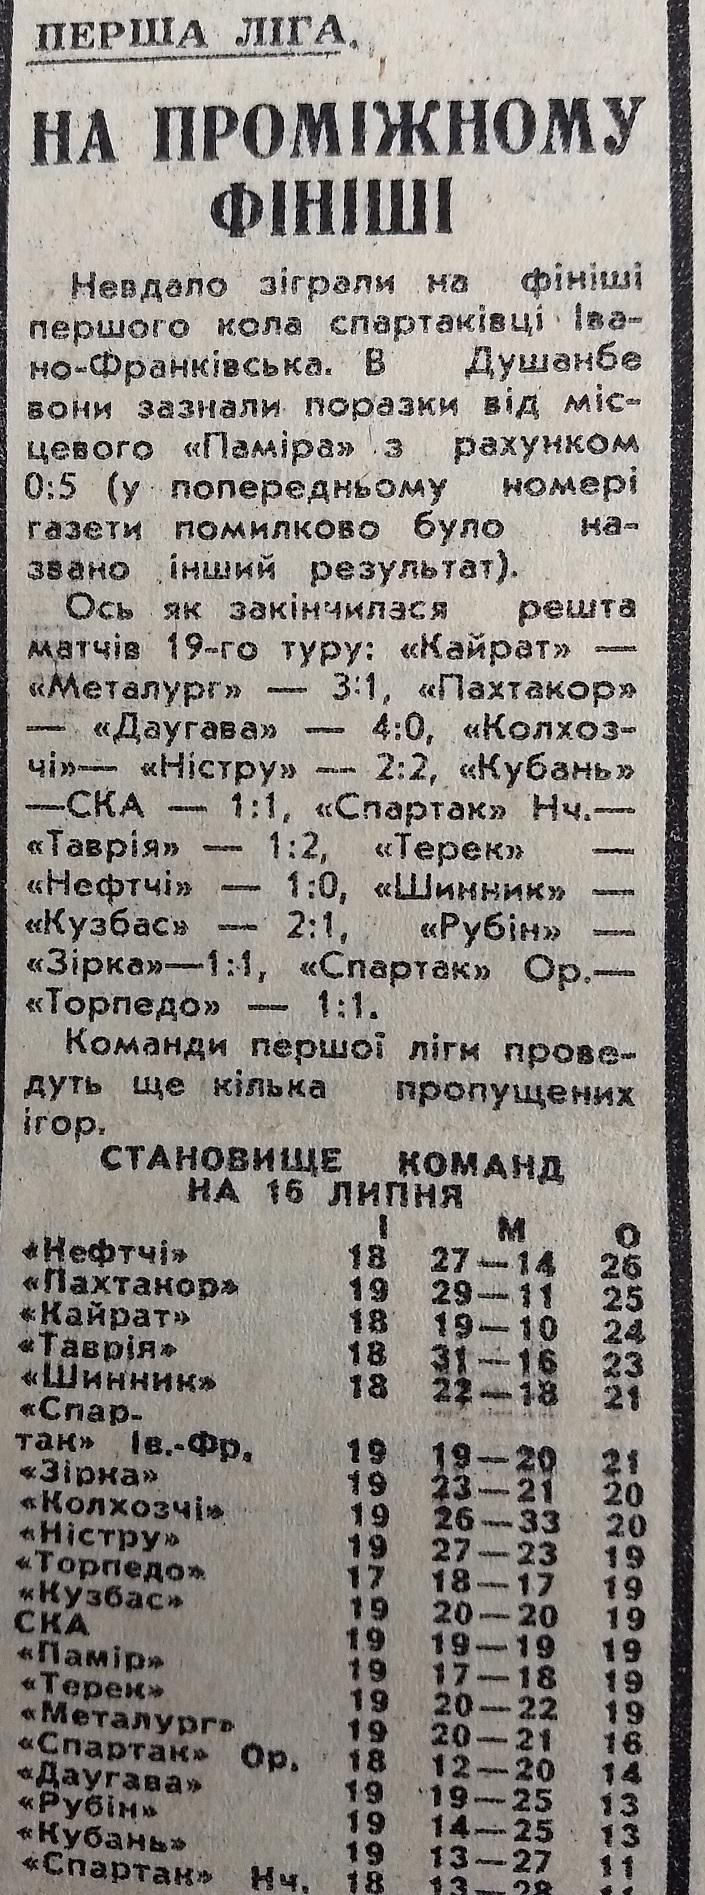 Памир (Душанбе) - Спартак (Ивано-Франковск) 5:0